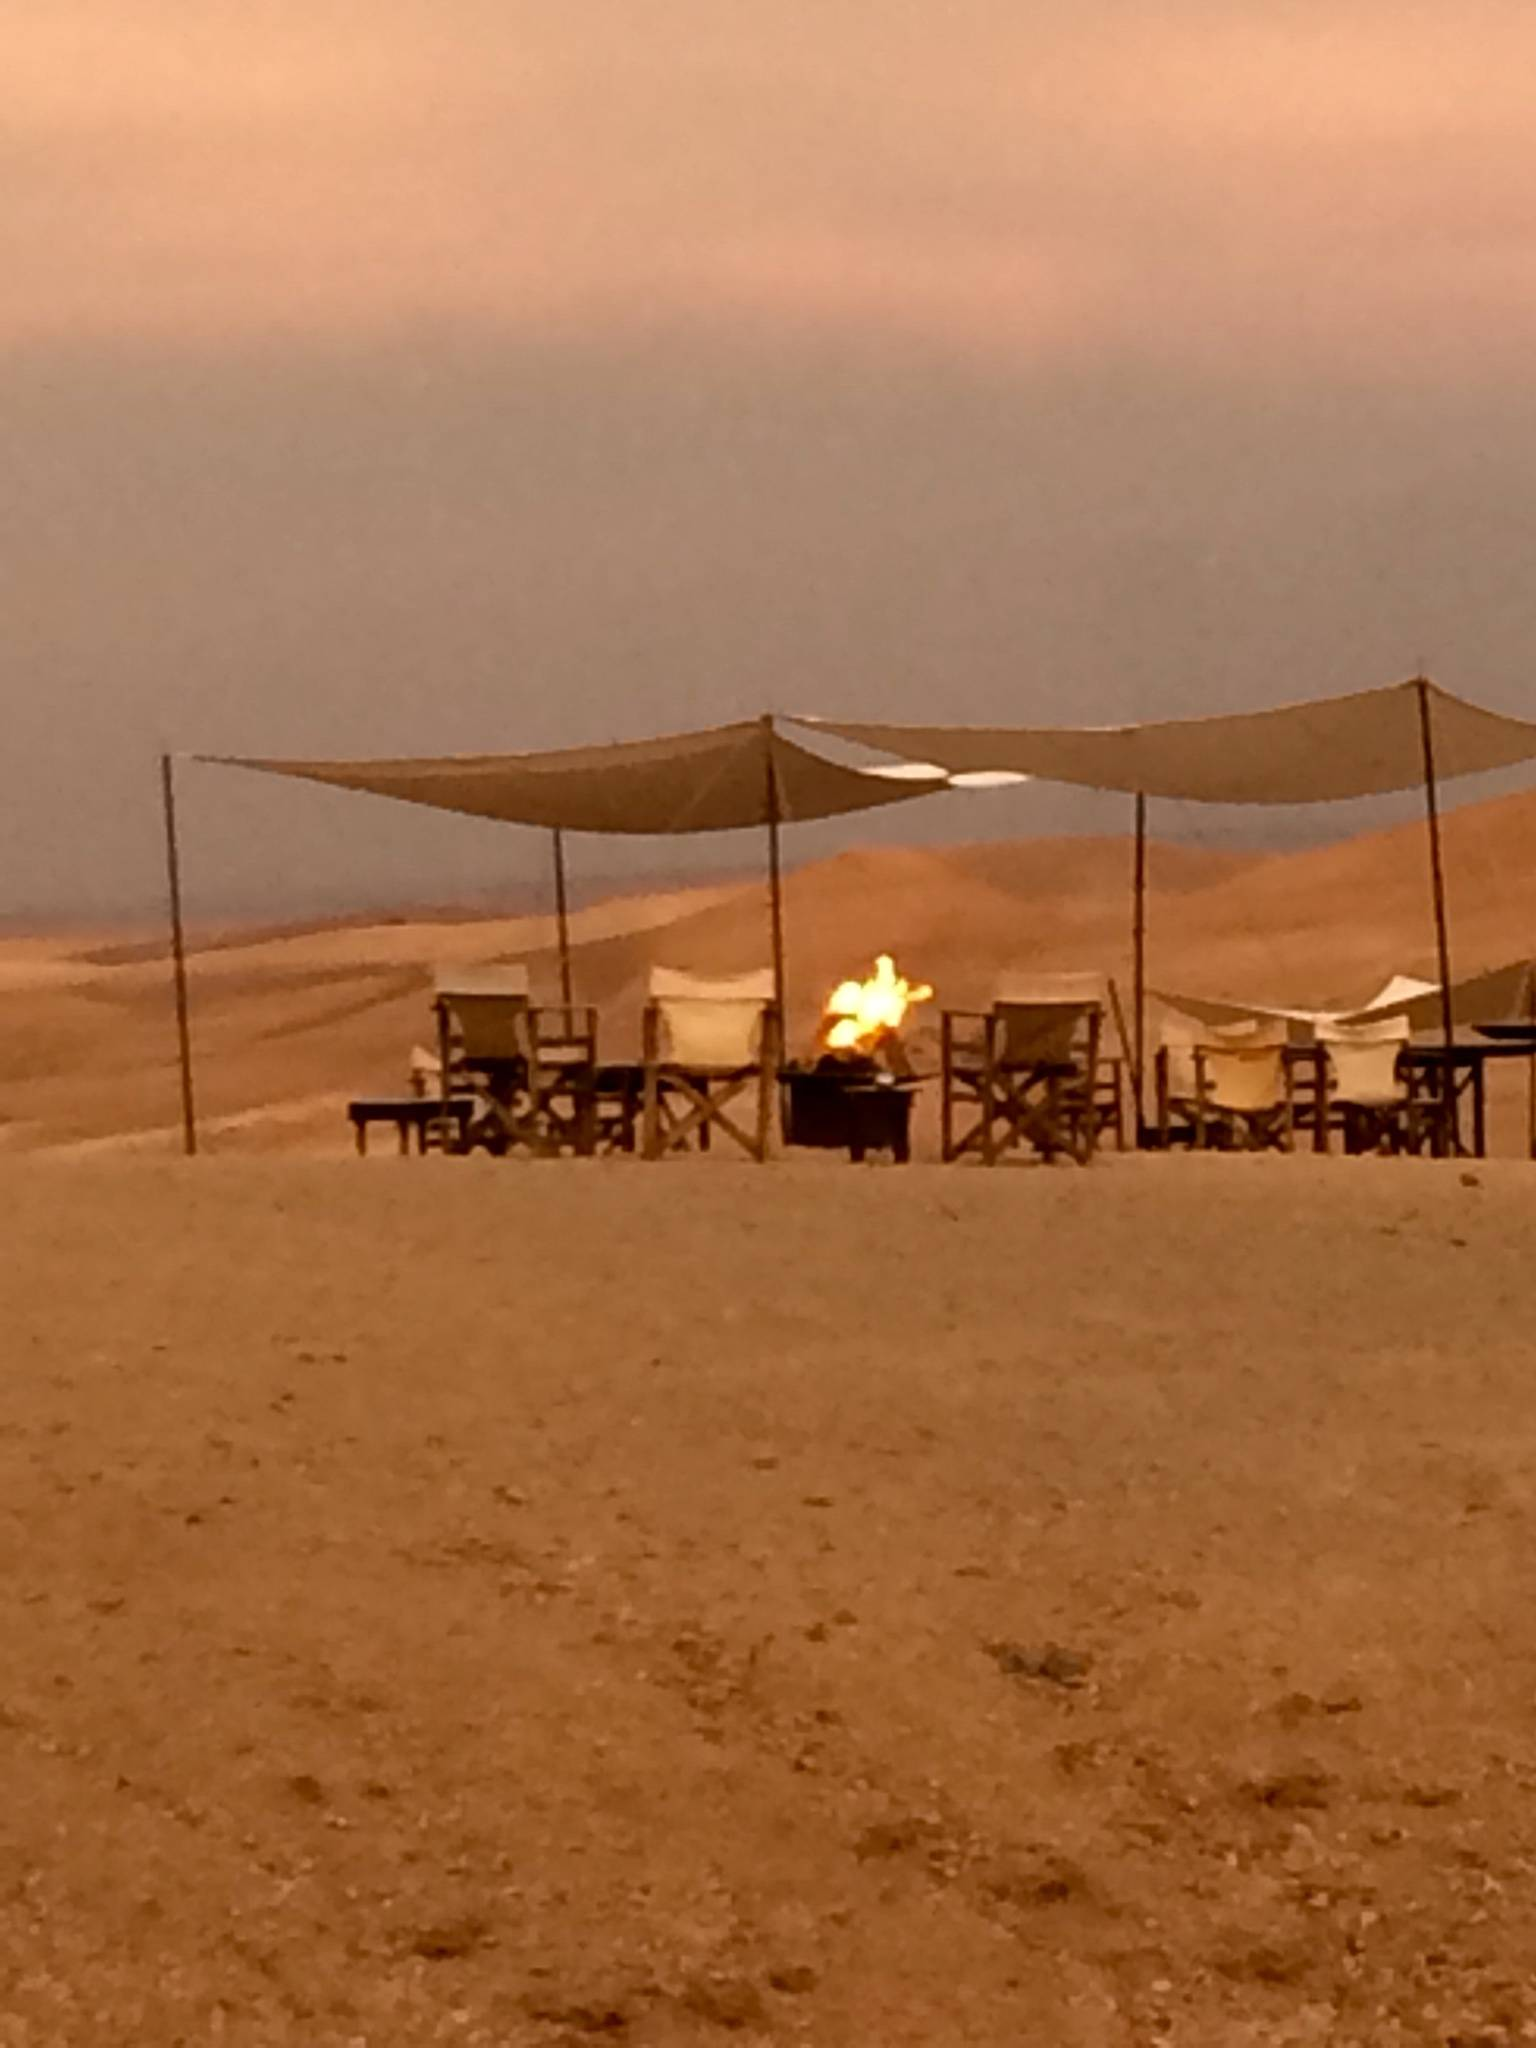 Photo 1: Une nuit dans le désert